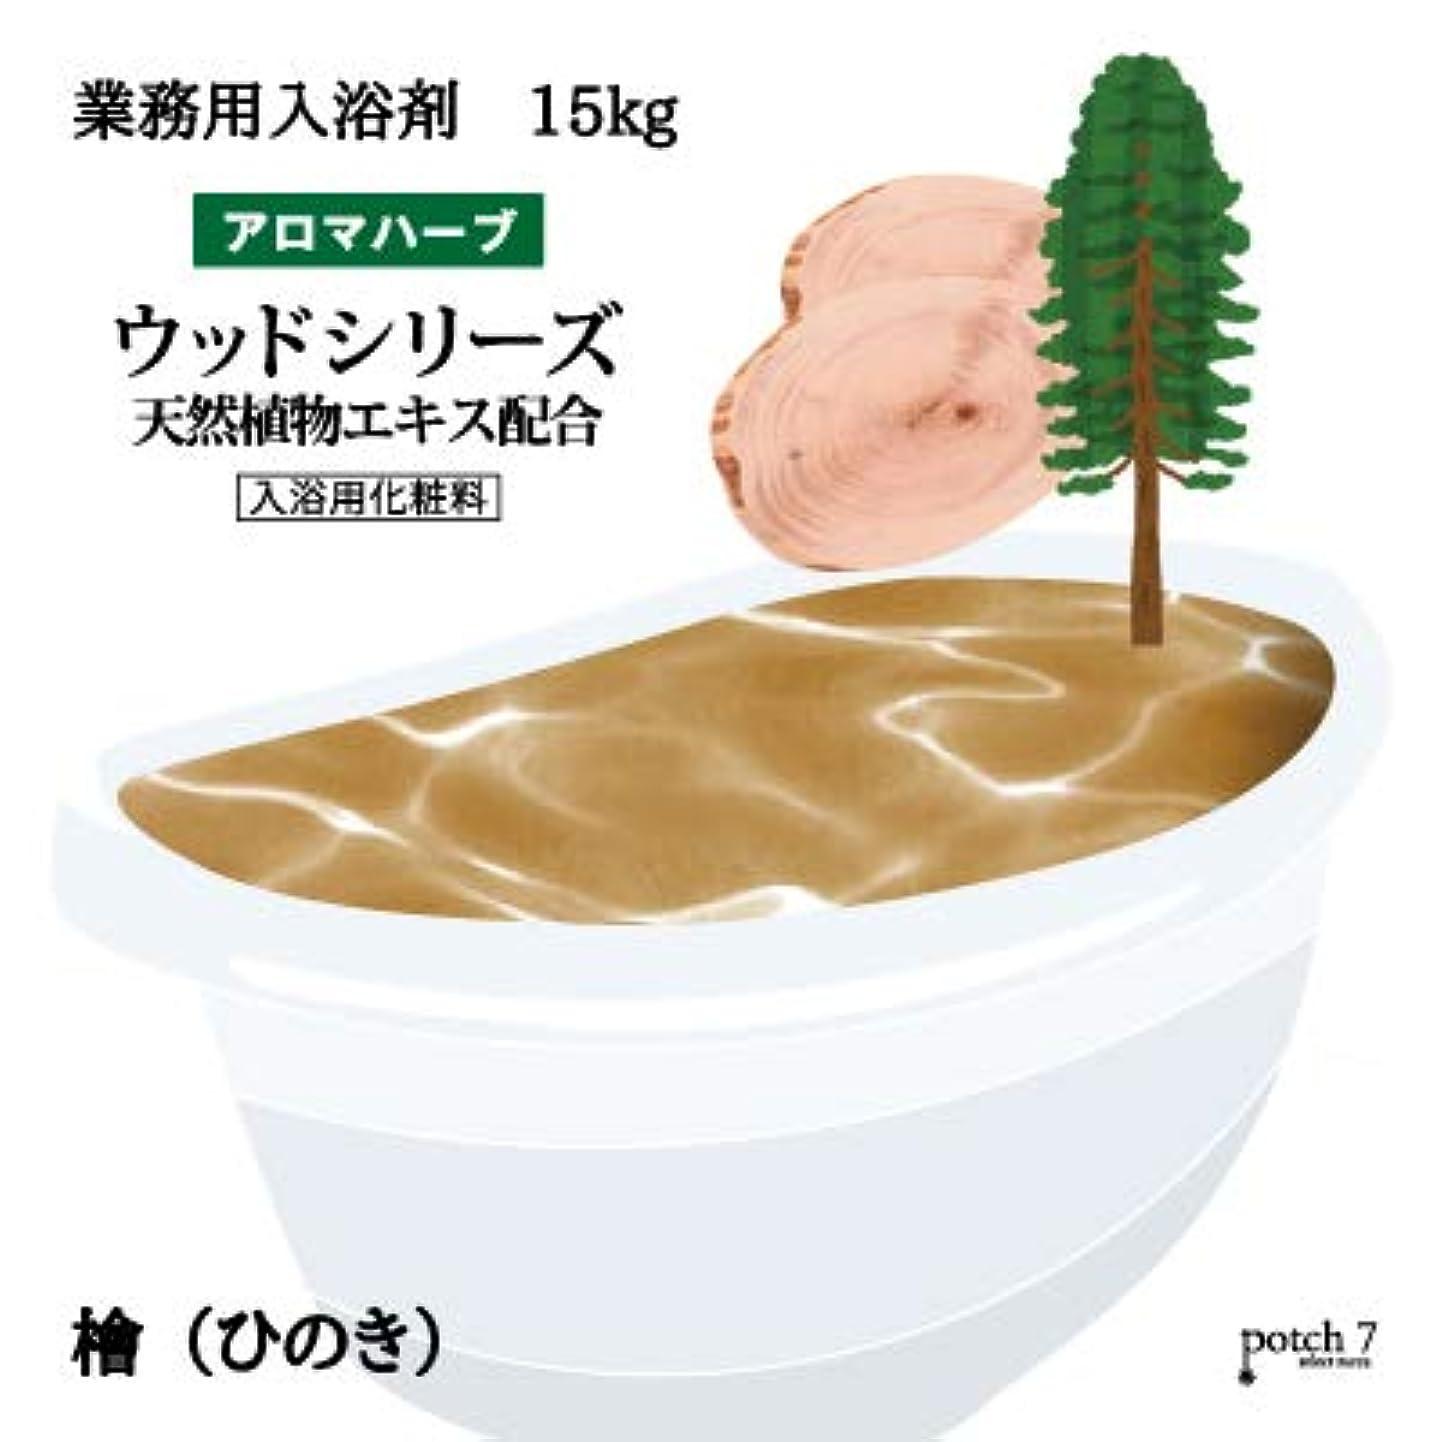 コックぼかすアッティカス業務用入浴剤「檜」15Kg(7.5Kgx2袋入)GYM-HI